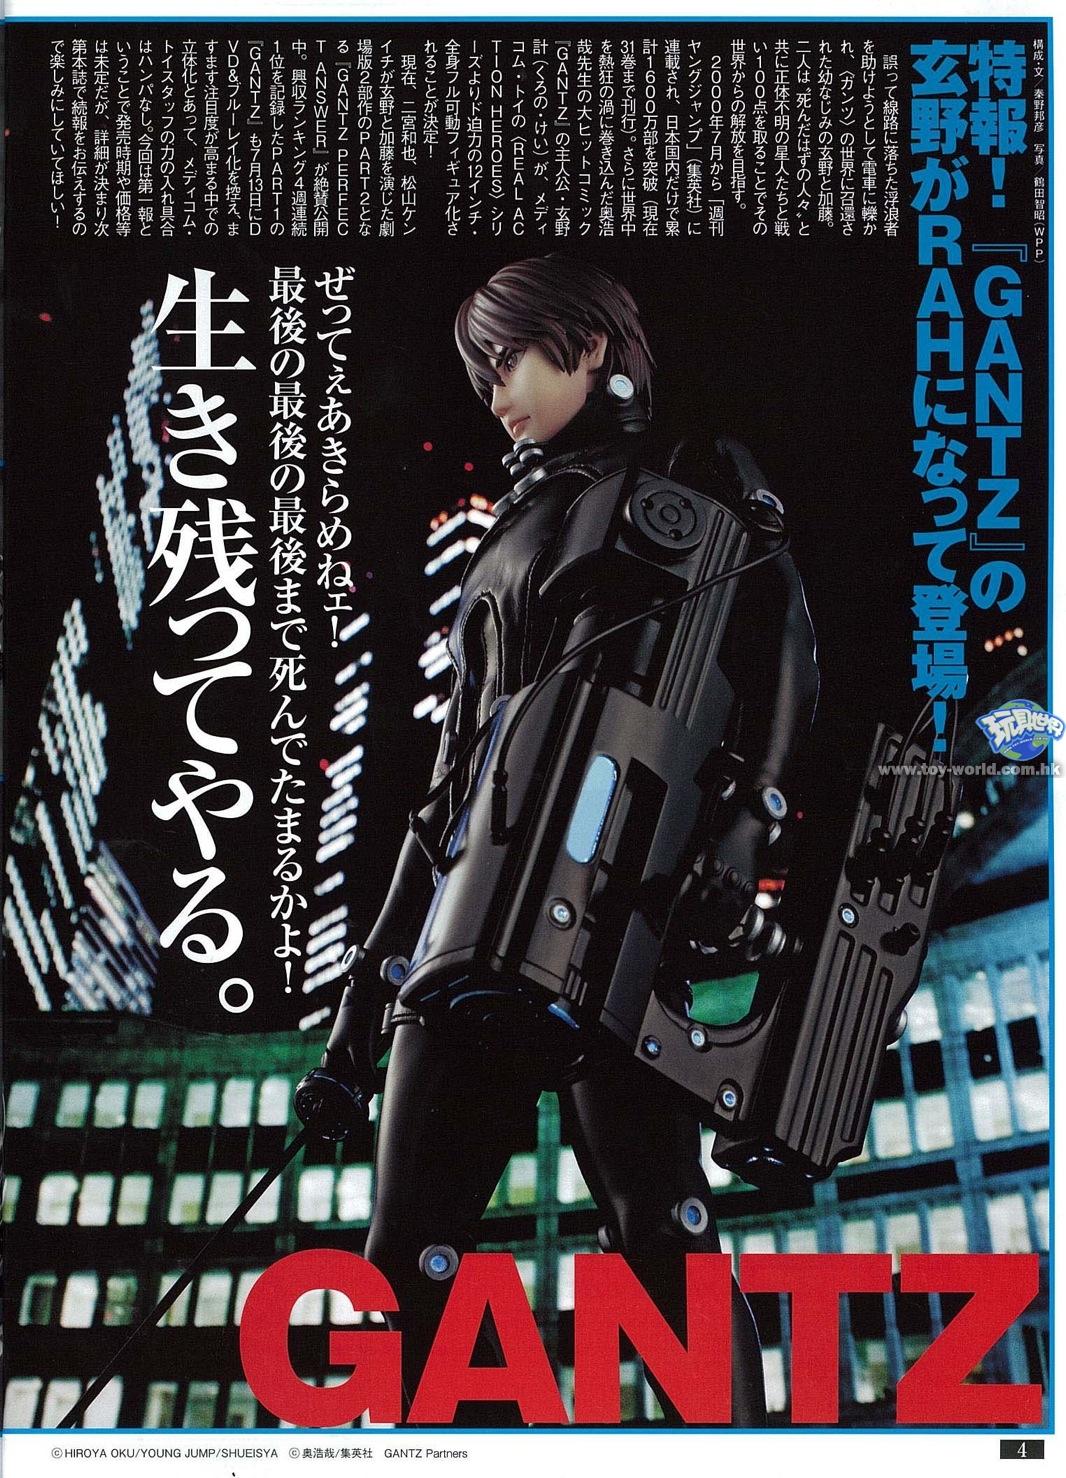 Nueva Figura Oficial de Gantz: Medicom-RAH Kei Kurono  Kei